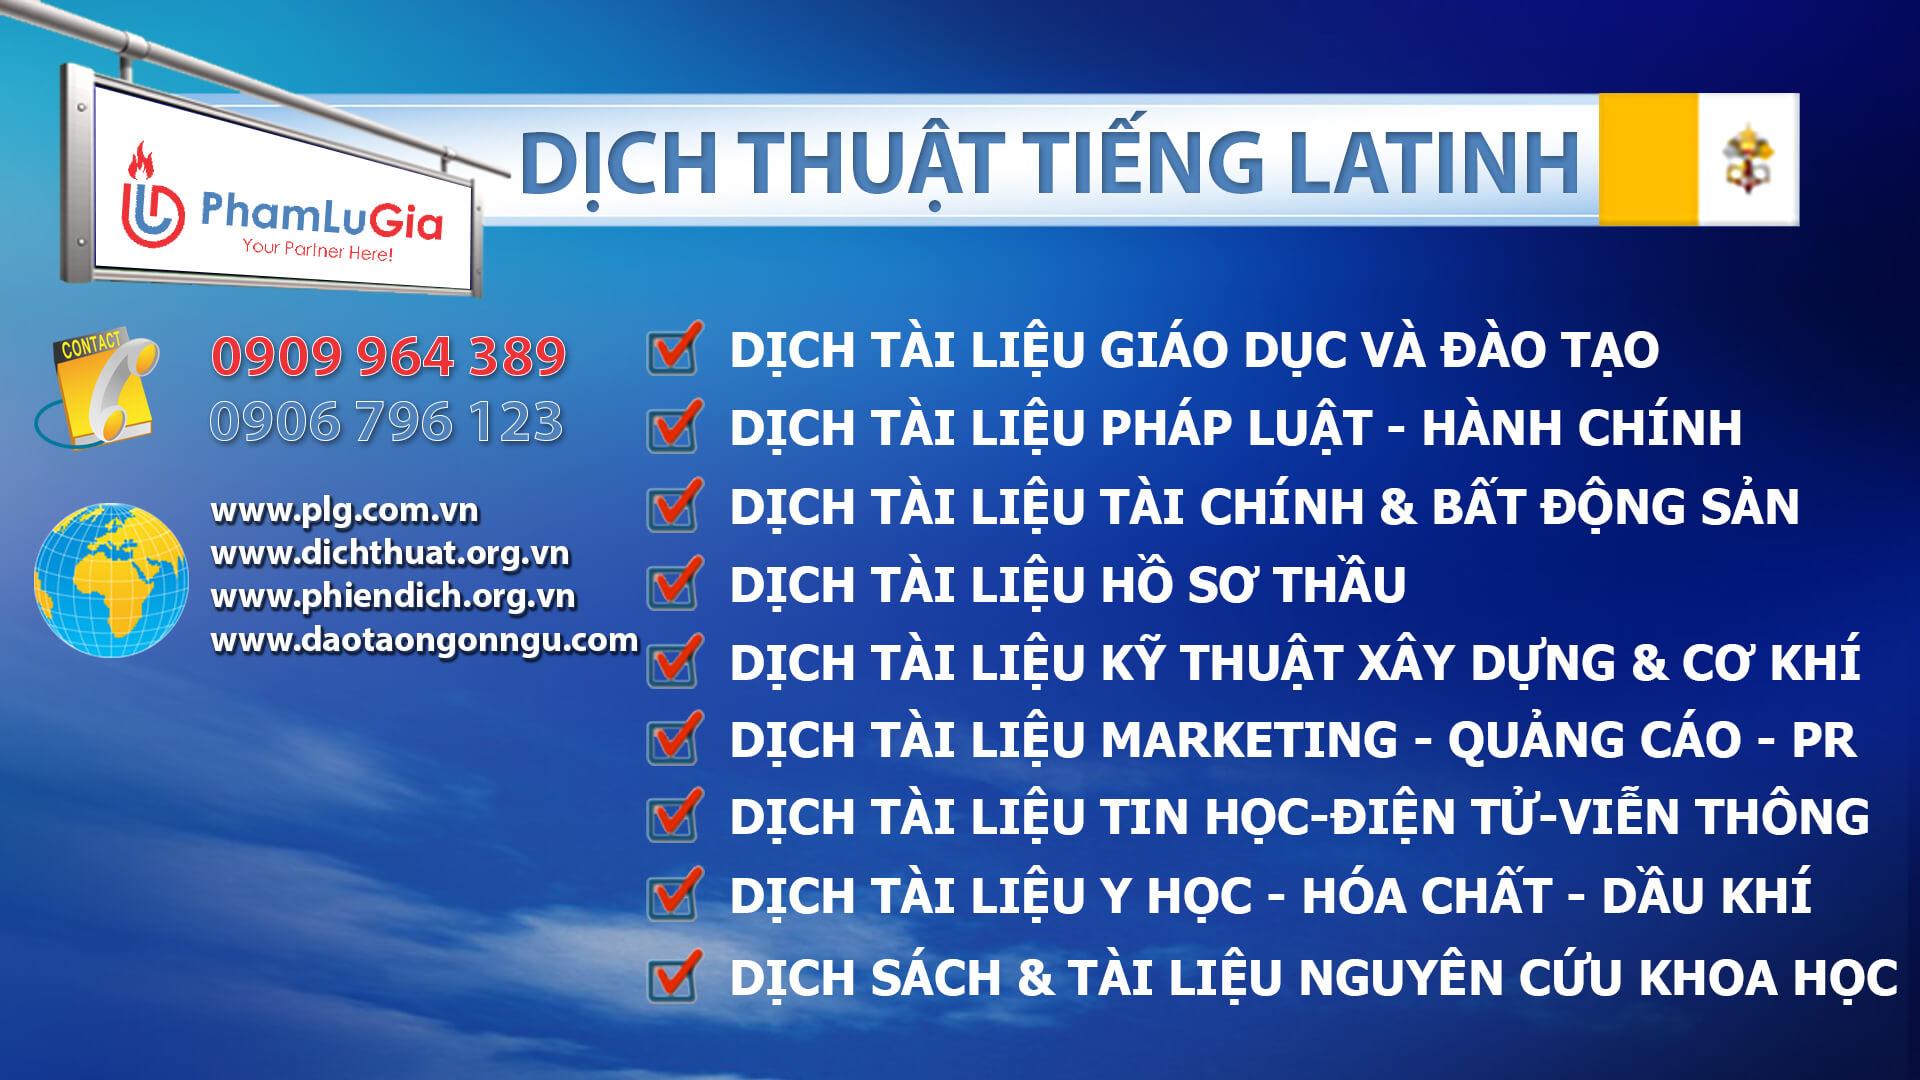 Dịch thuật tiếng Latinh chuyên nghiệp